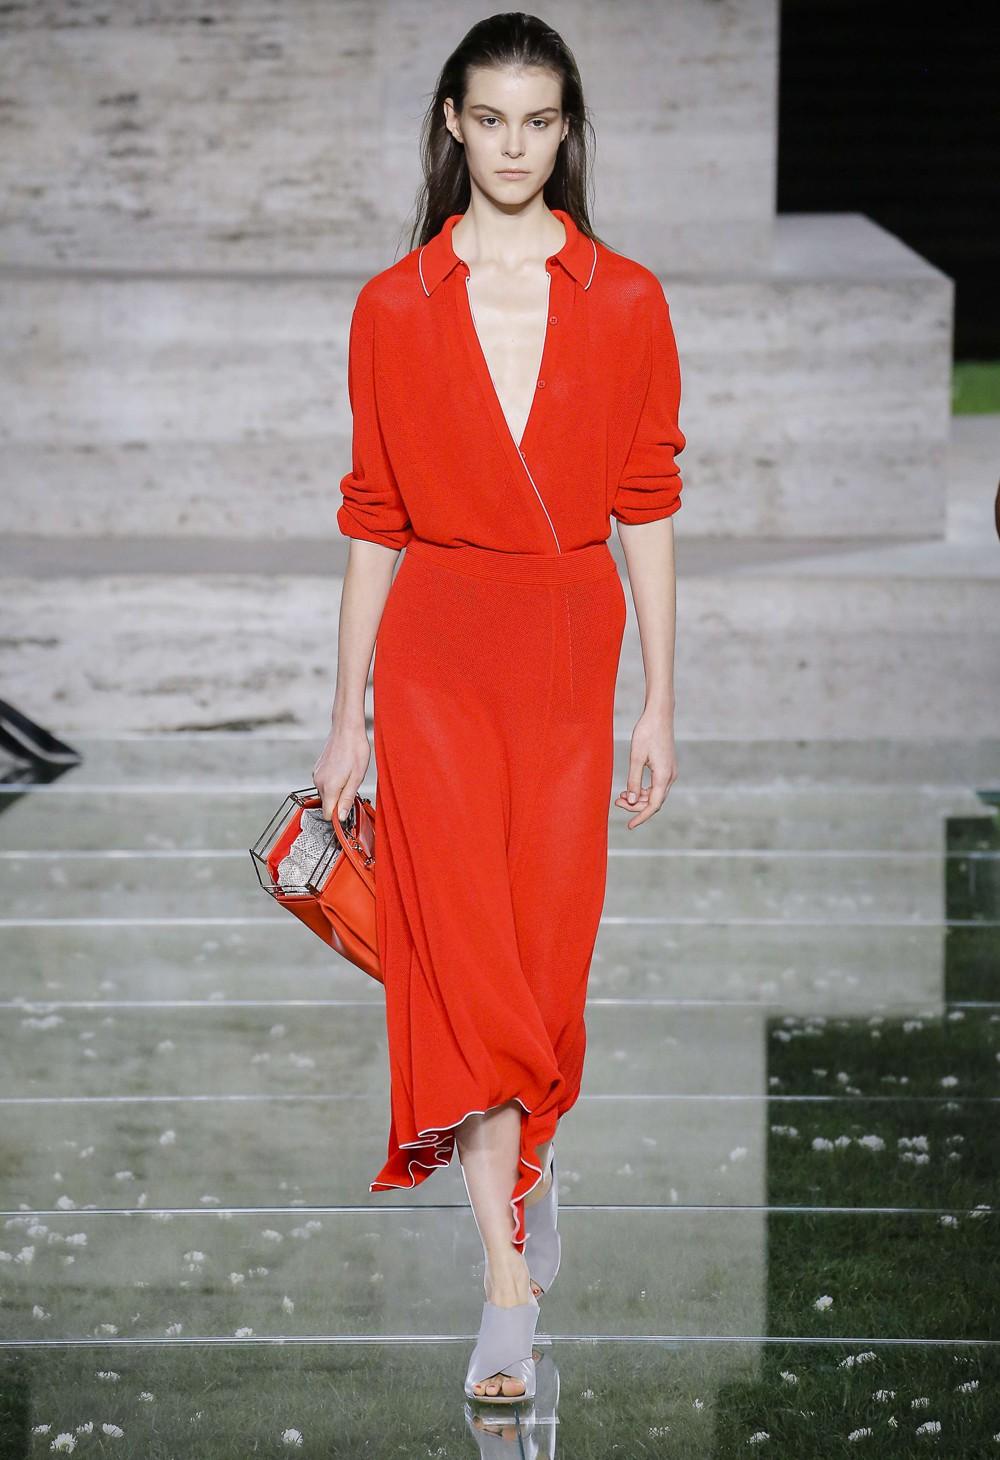 Salvatore Ferragamo весна лето 2018 красное платье